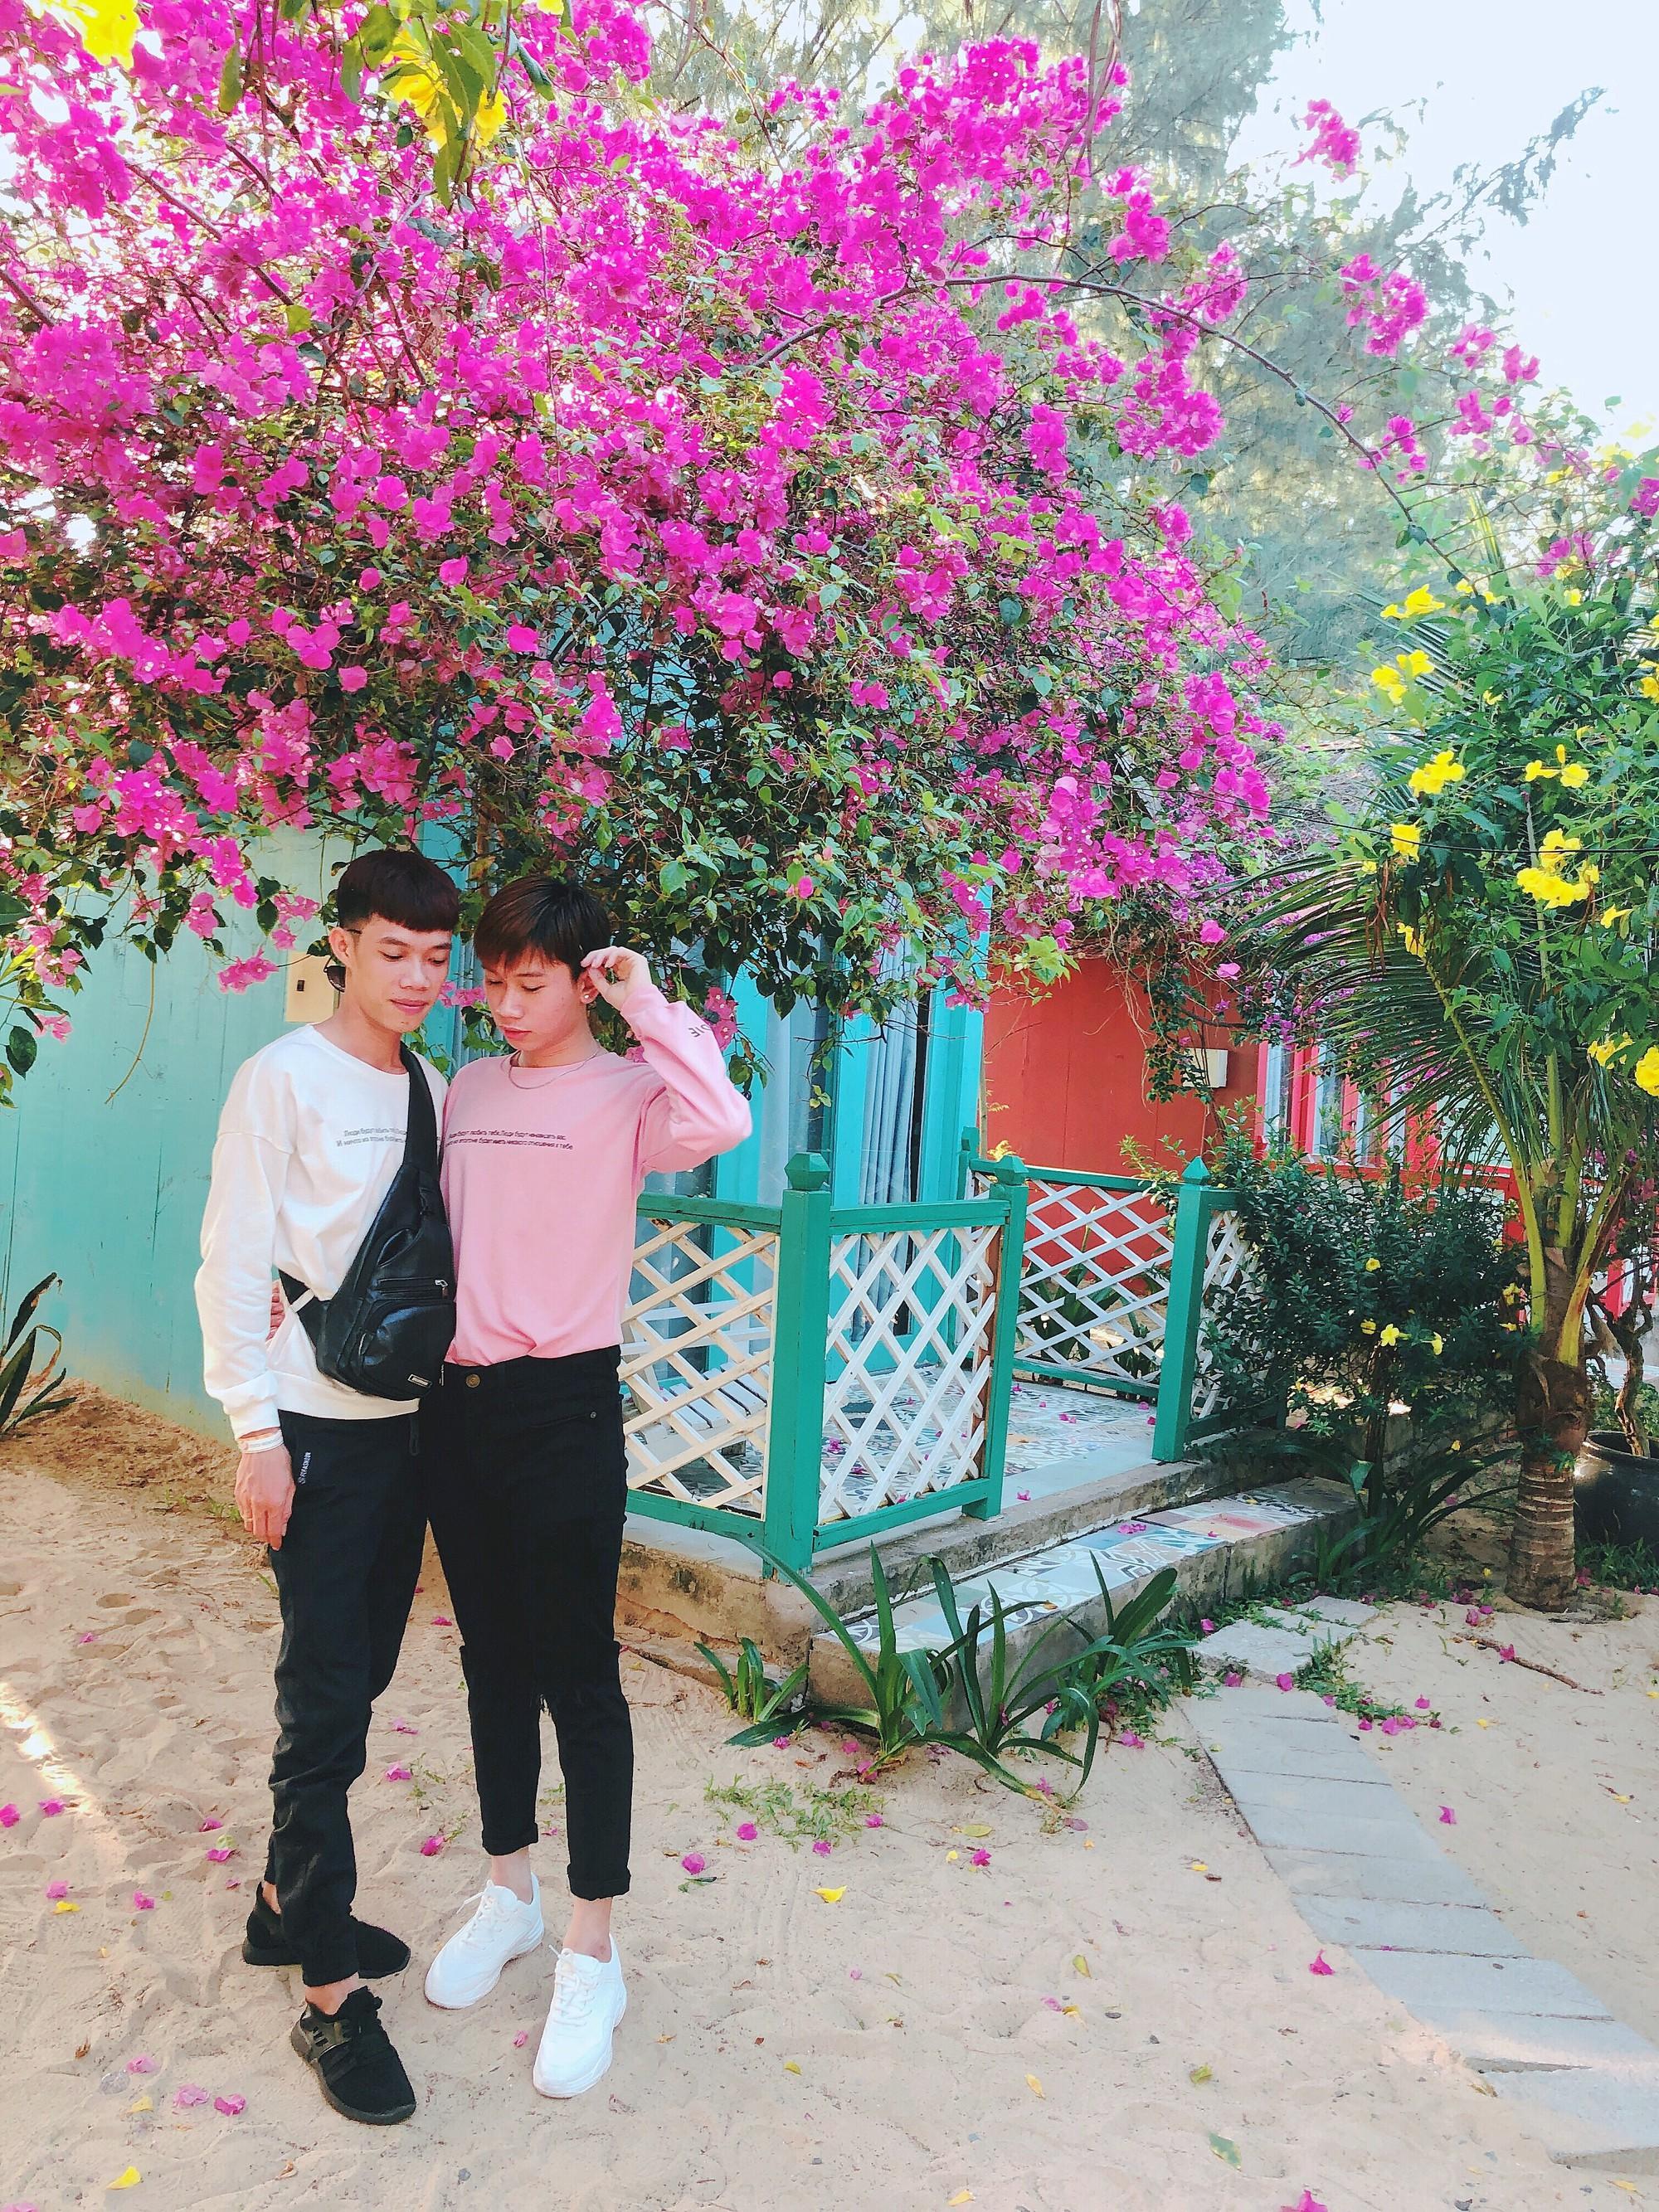 Cặp đôi đồng tính gây sốt với bộ ảnh đẹp như hoa cùng những khoảnh khắc ngọt ngào - Ảnh 3.